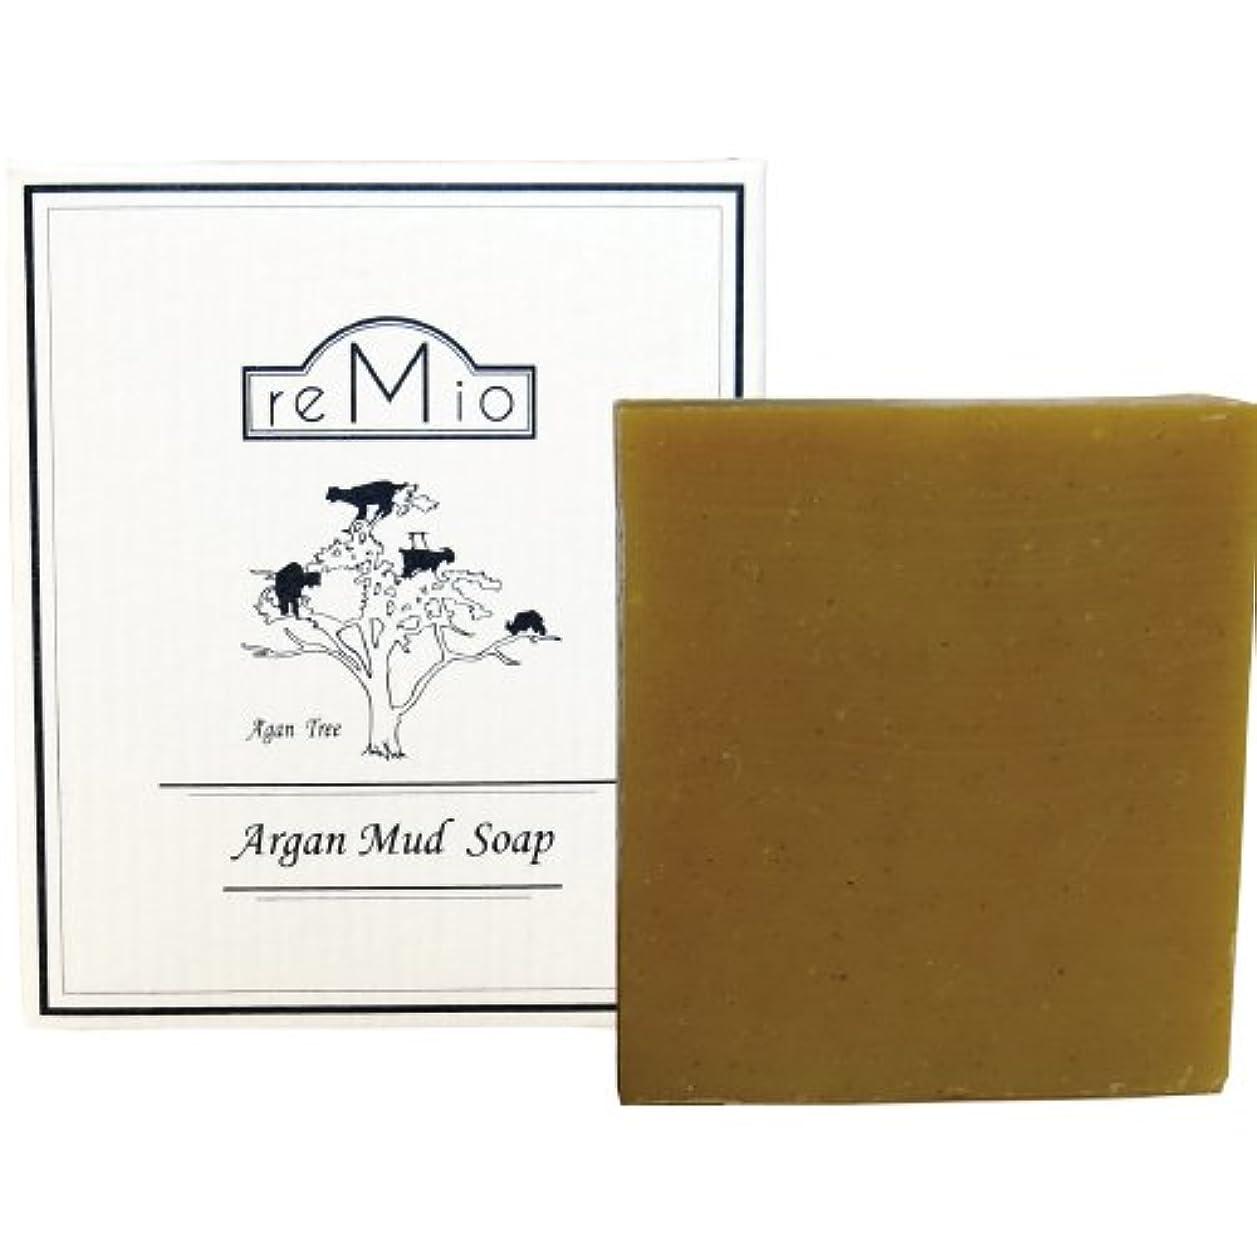 スズメバチ絶滅した基本的なレミオ(REMIO) アルガンクレイ石鹸